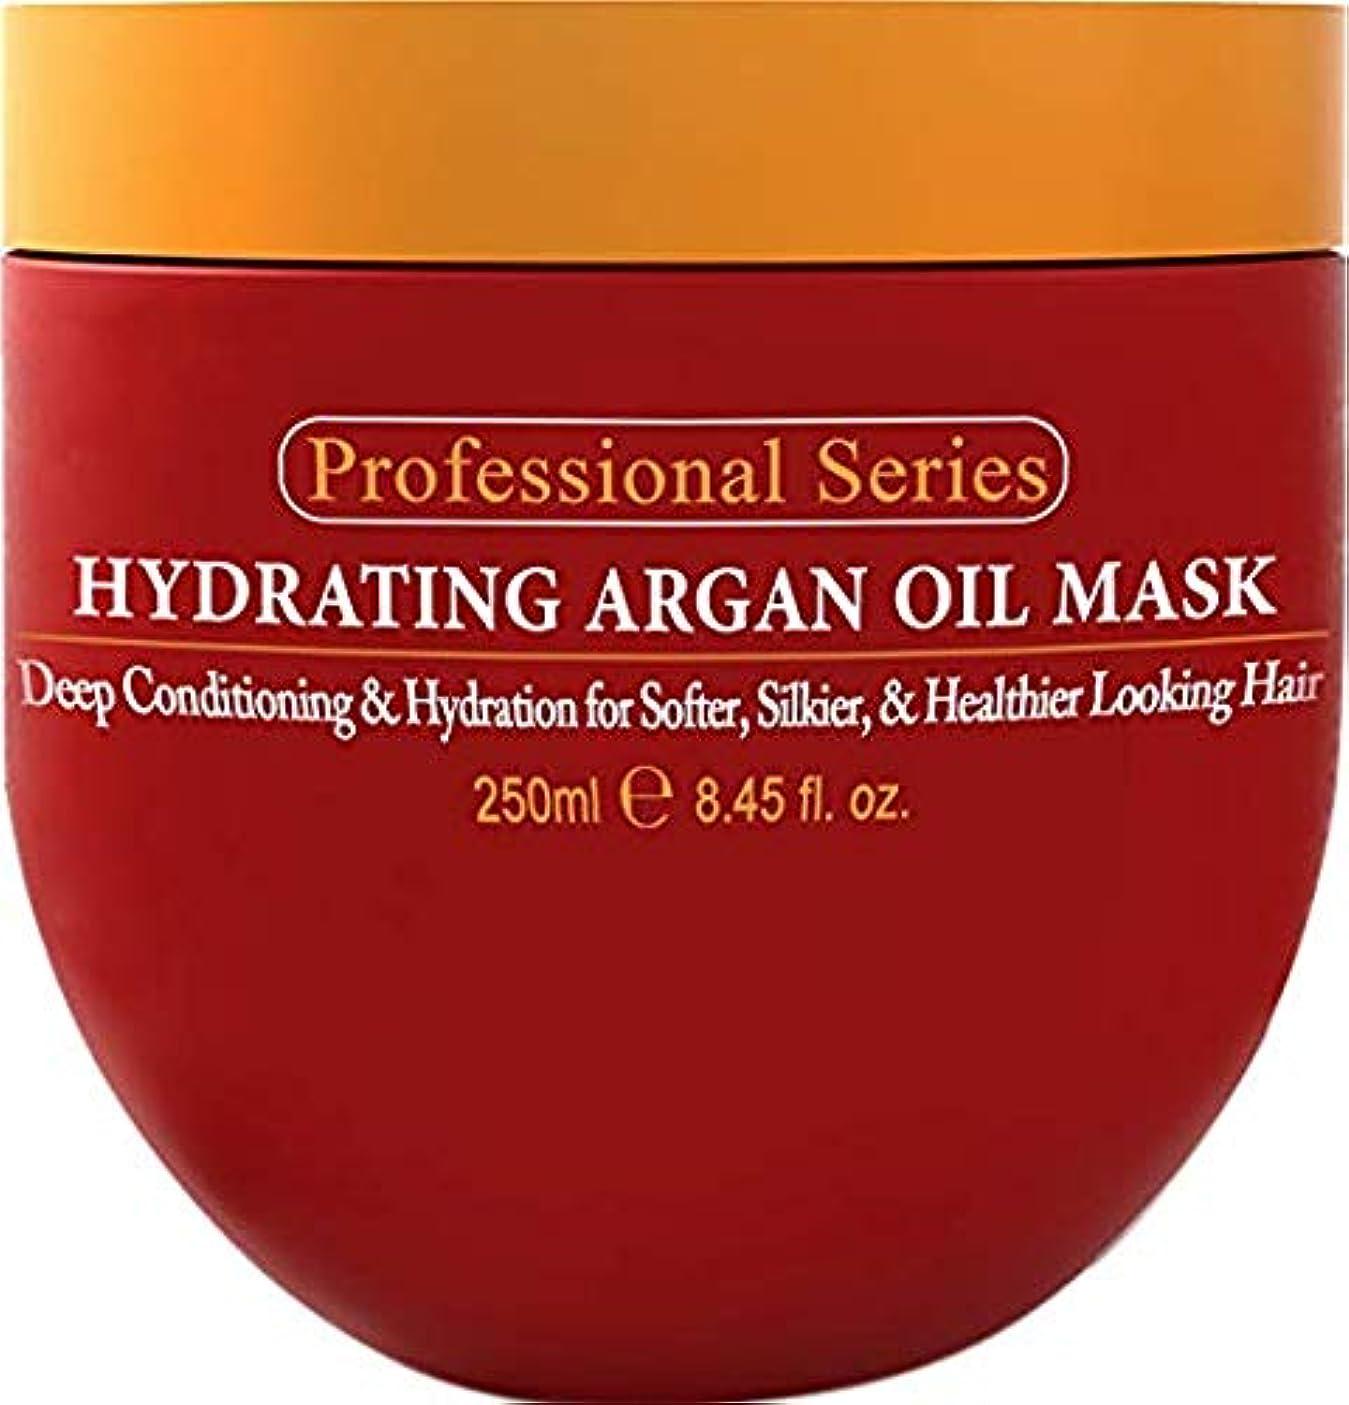 軸ブル感じるアルガンオイルヘアマスク Hydrating Argan Oil Hair Mask and Deep Conditioner 8.45 Oz 250ml 海外直送品 [並行輸入品]